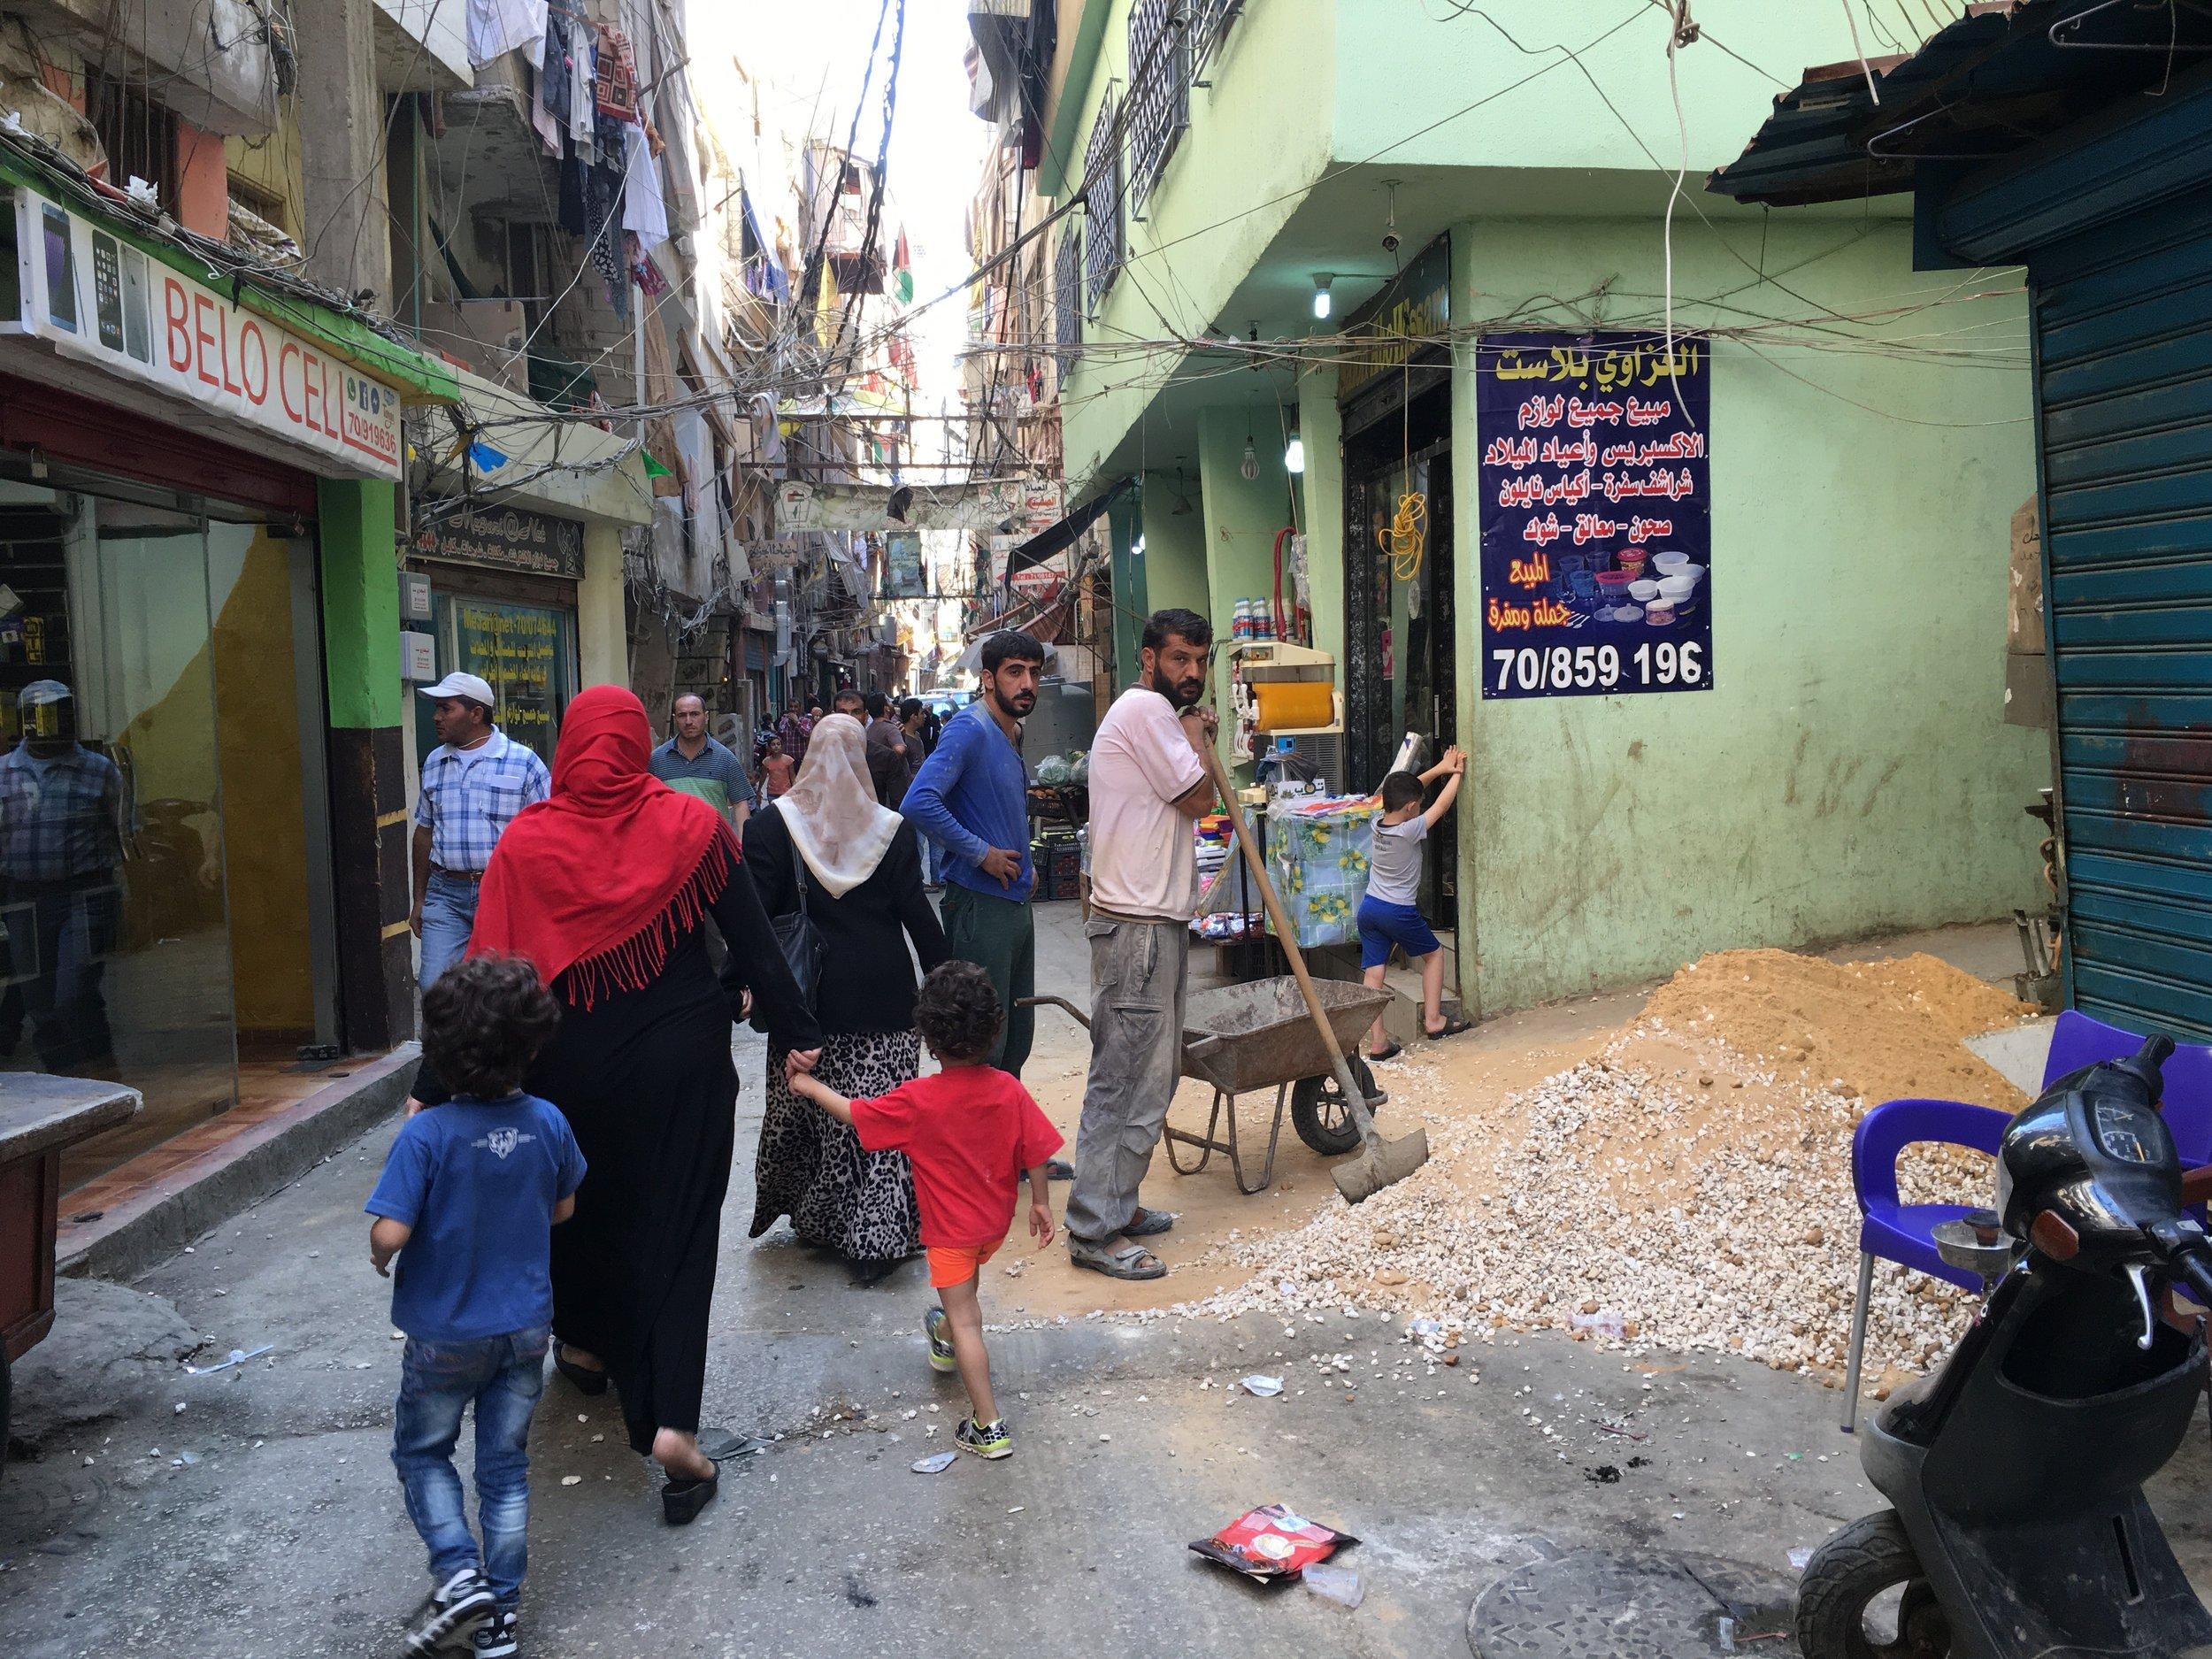 Flyktinglägret Shatila i Beirut, platsen för en massaker 1982. Här bor både utblottade palestinier och syrier idag. Foto: Bitte Hammargren